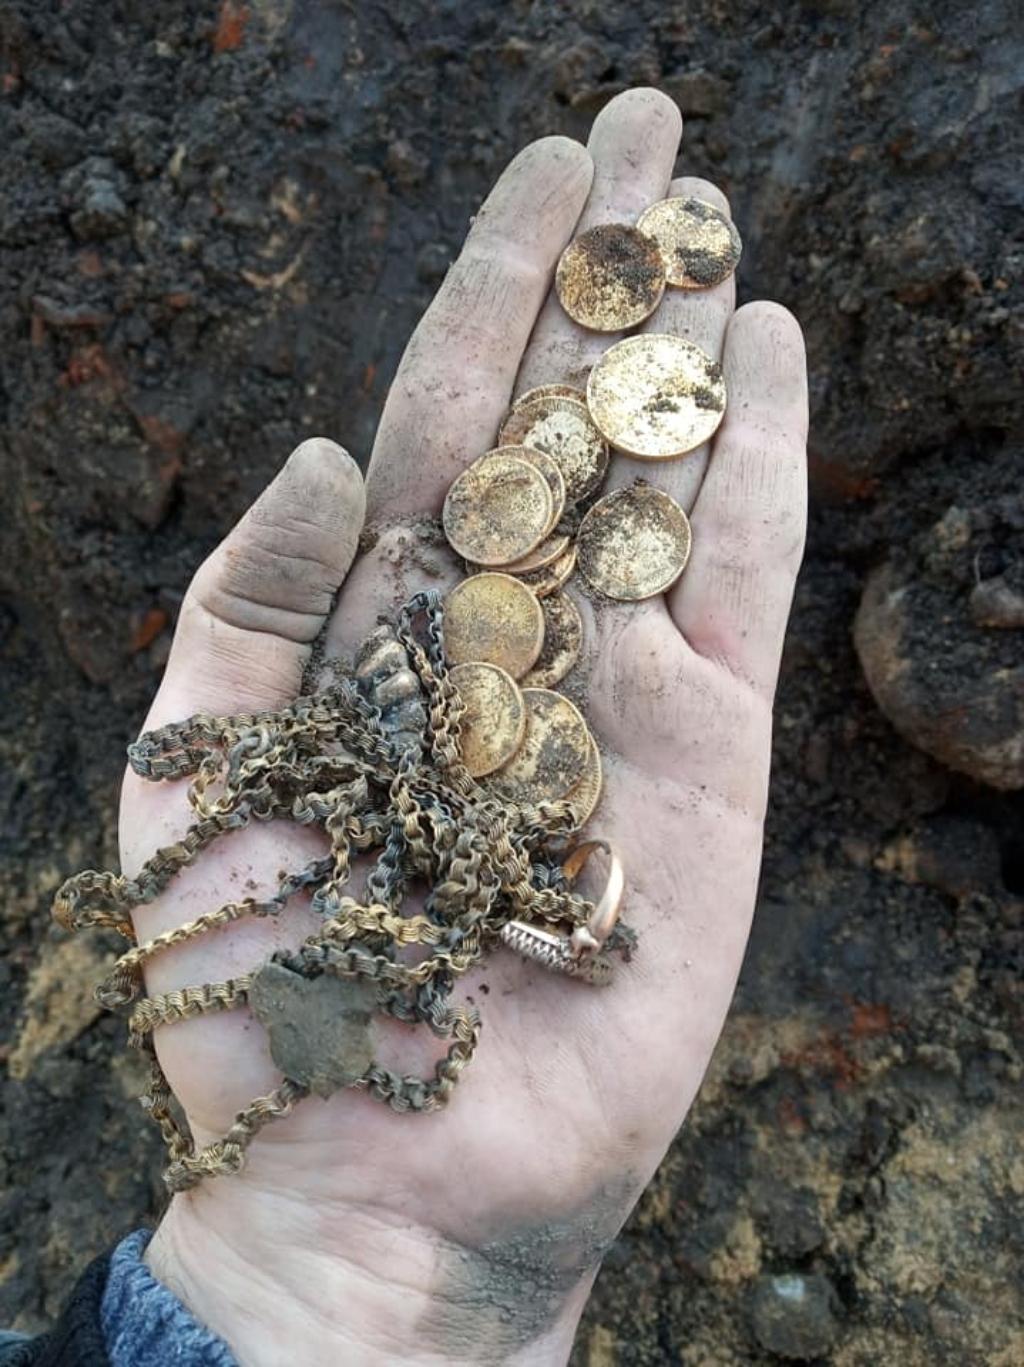 В минском парке нашли золотые монеты времен Николая II